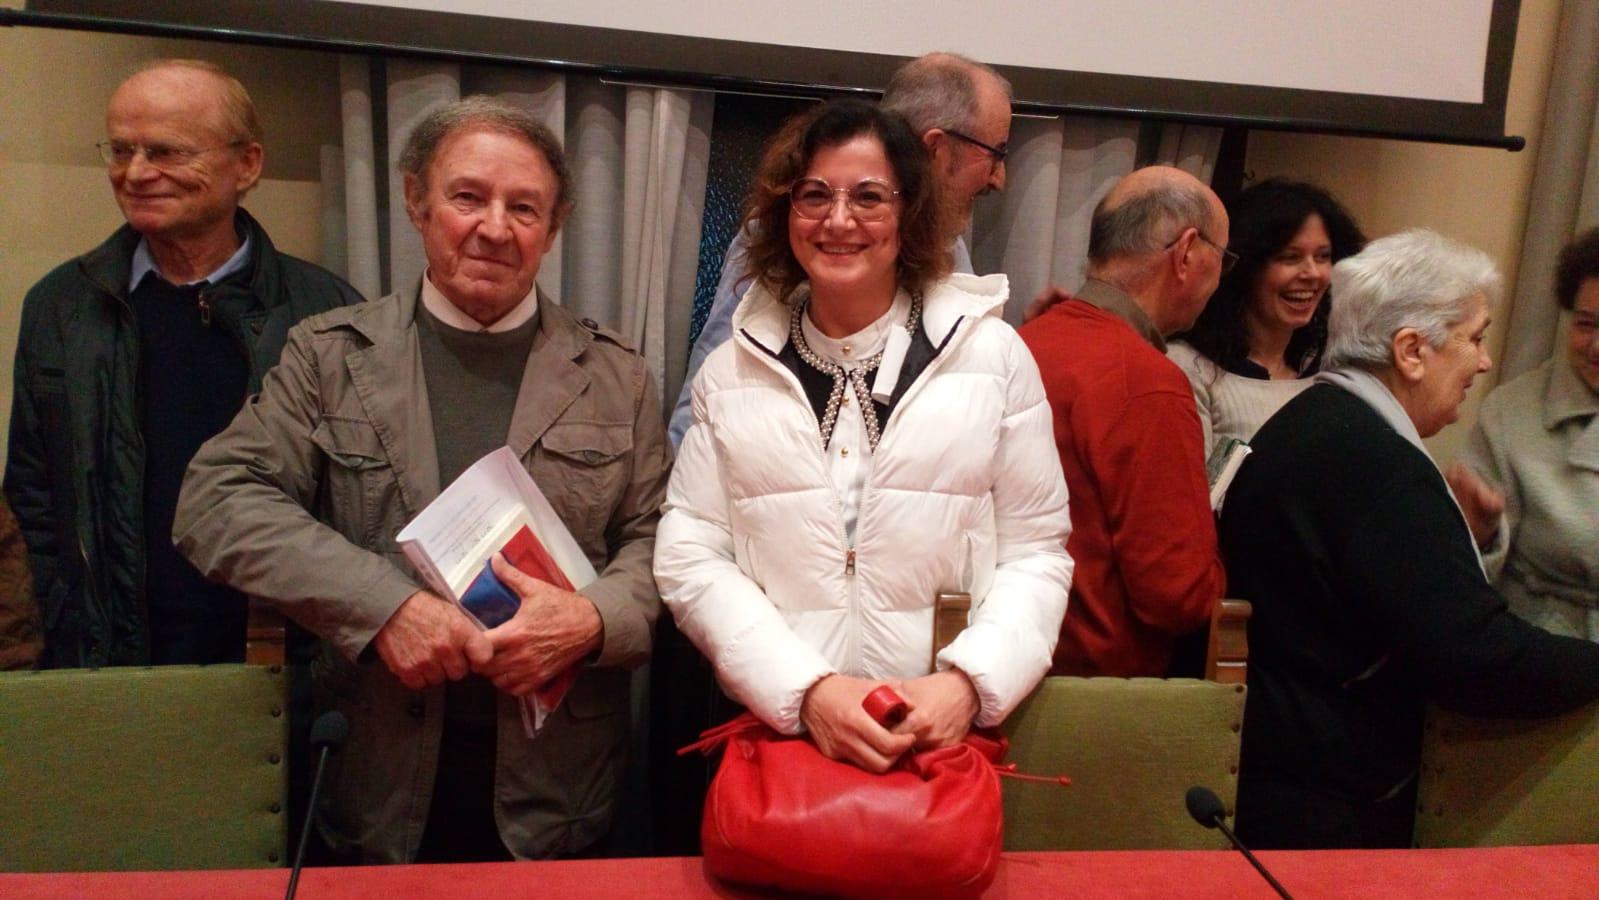 Incontro del Cenacolo con Beppe Segalla